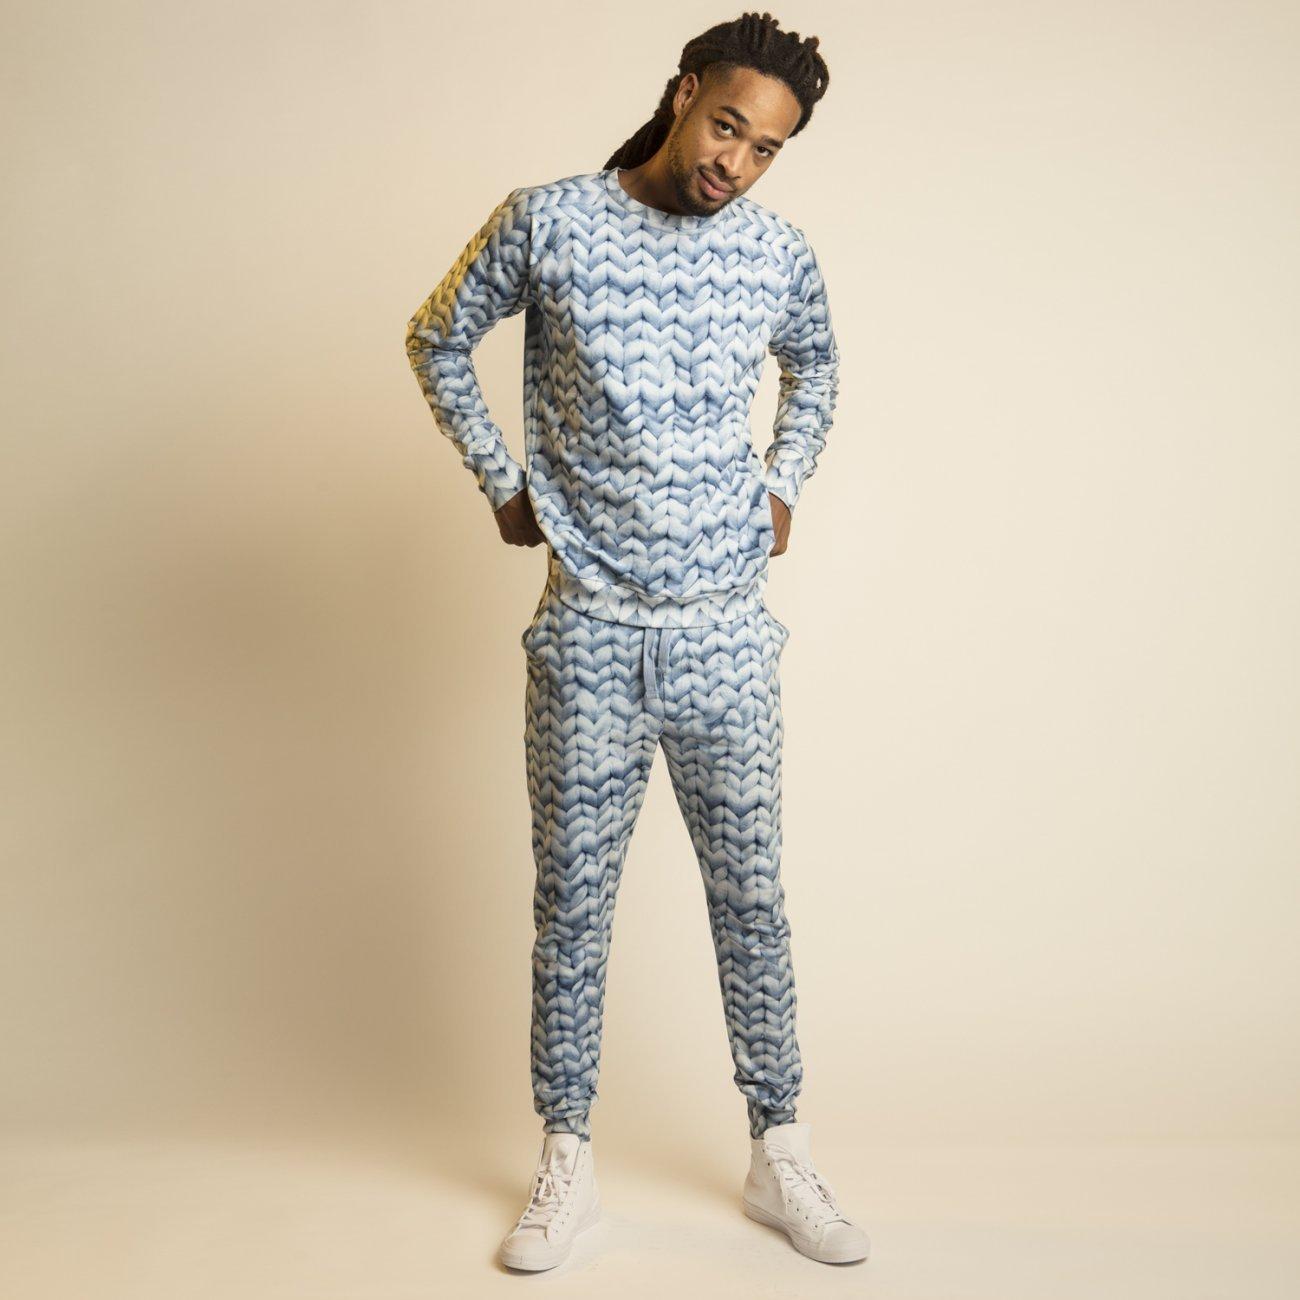 Snurk Homewear  Twirre blauw sweater heren